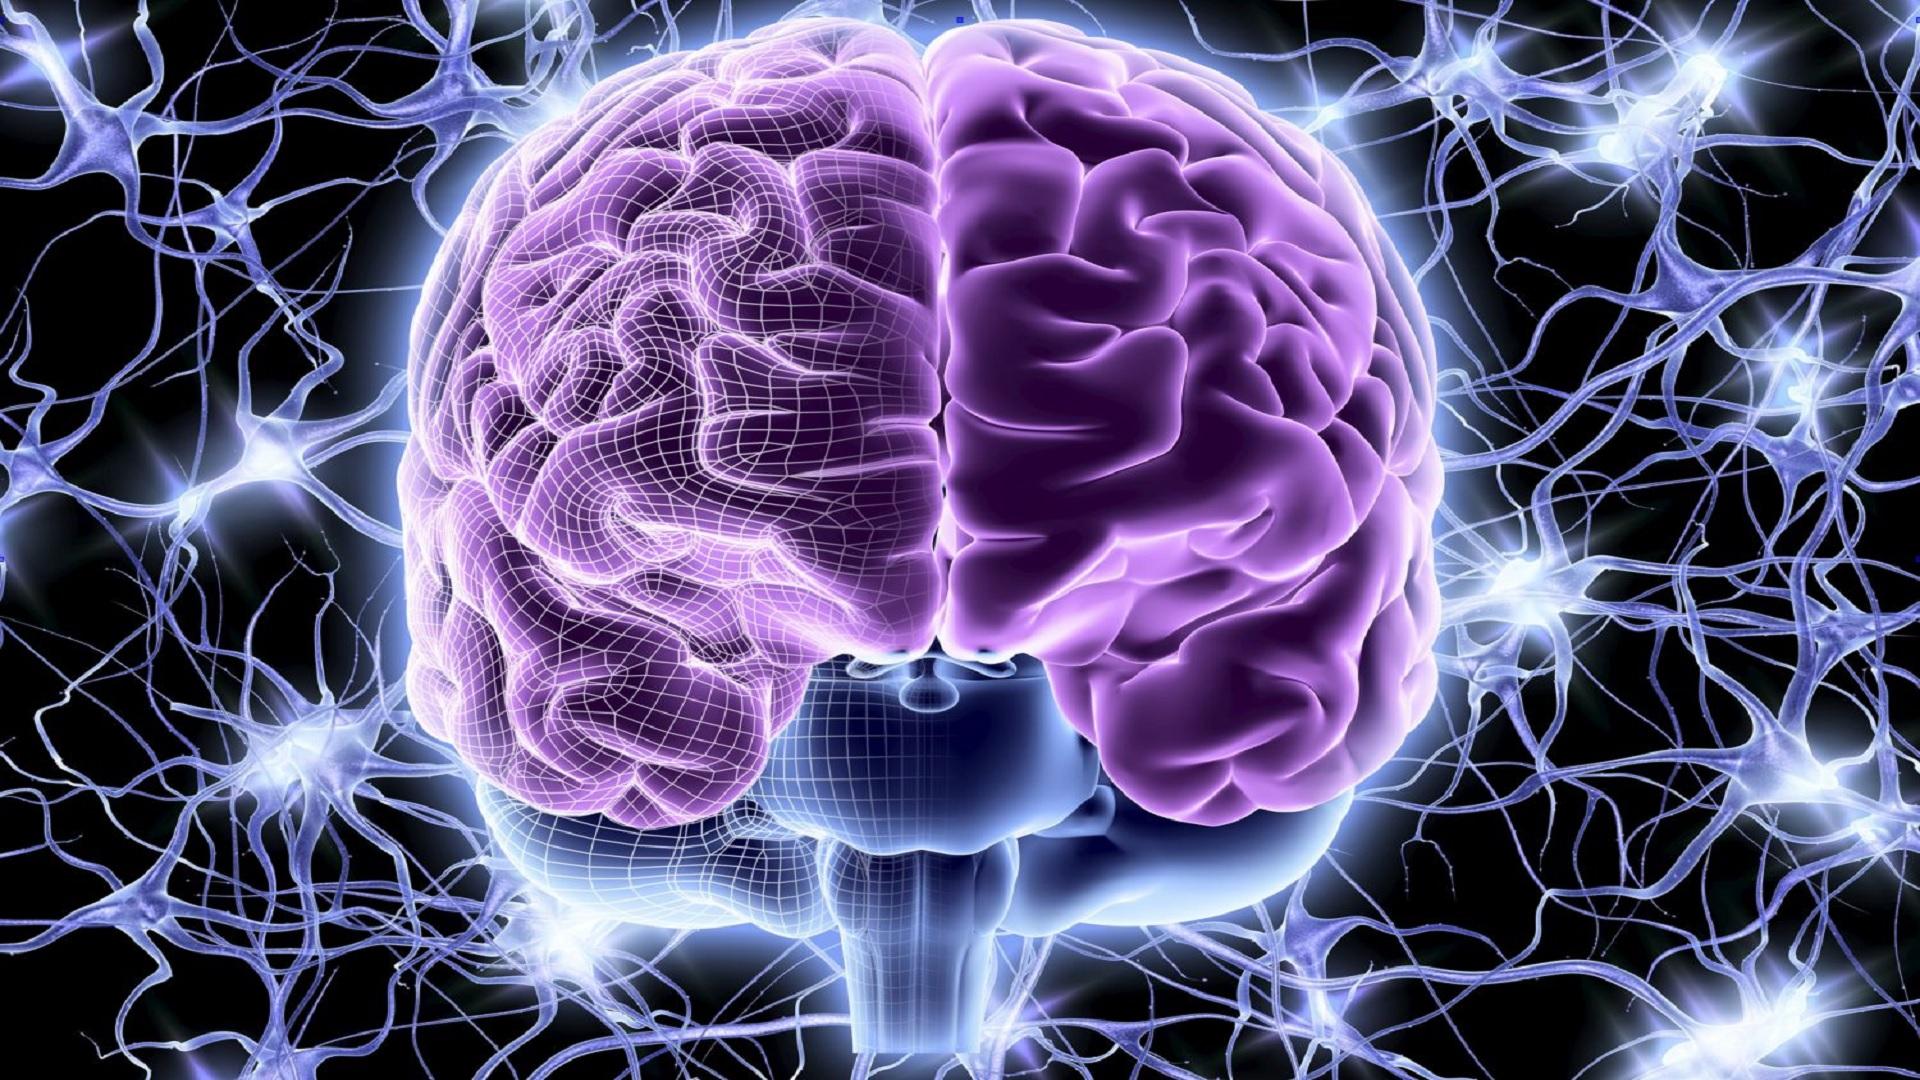 Νευρικά κύτταρα εγκεφάλου: Νέα ανακάλυψη για τη θεραπεία της εγκεφαλικής νόσου